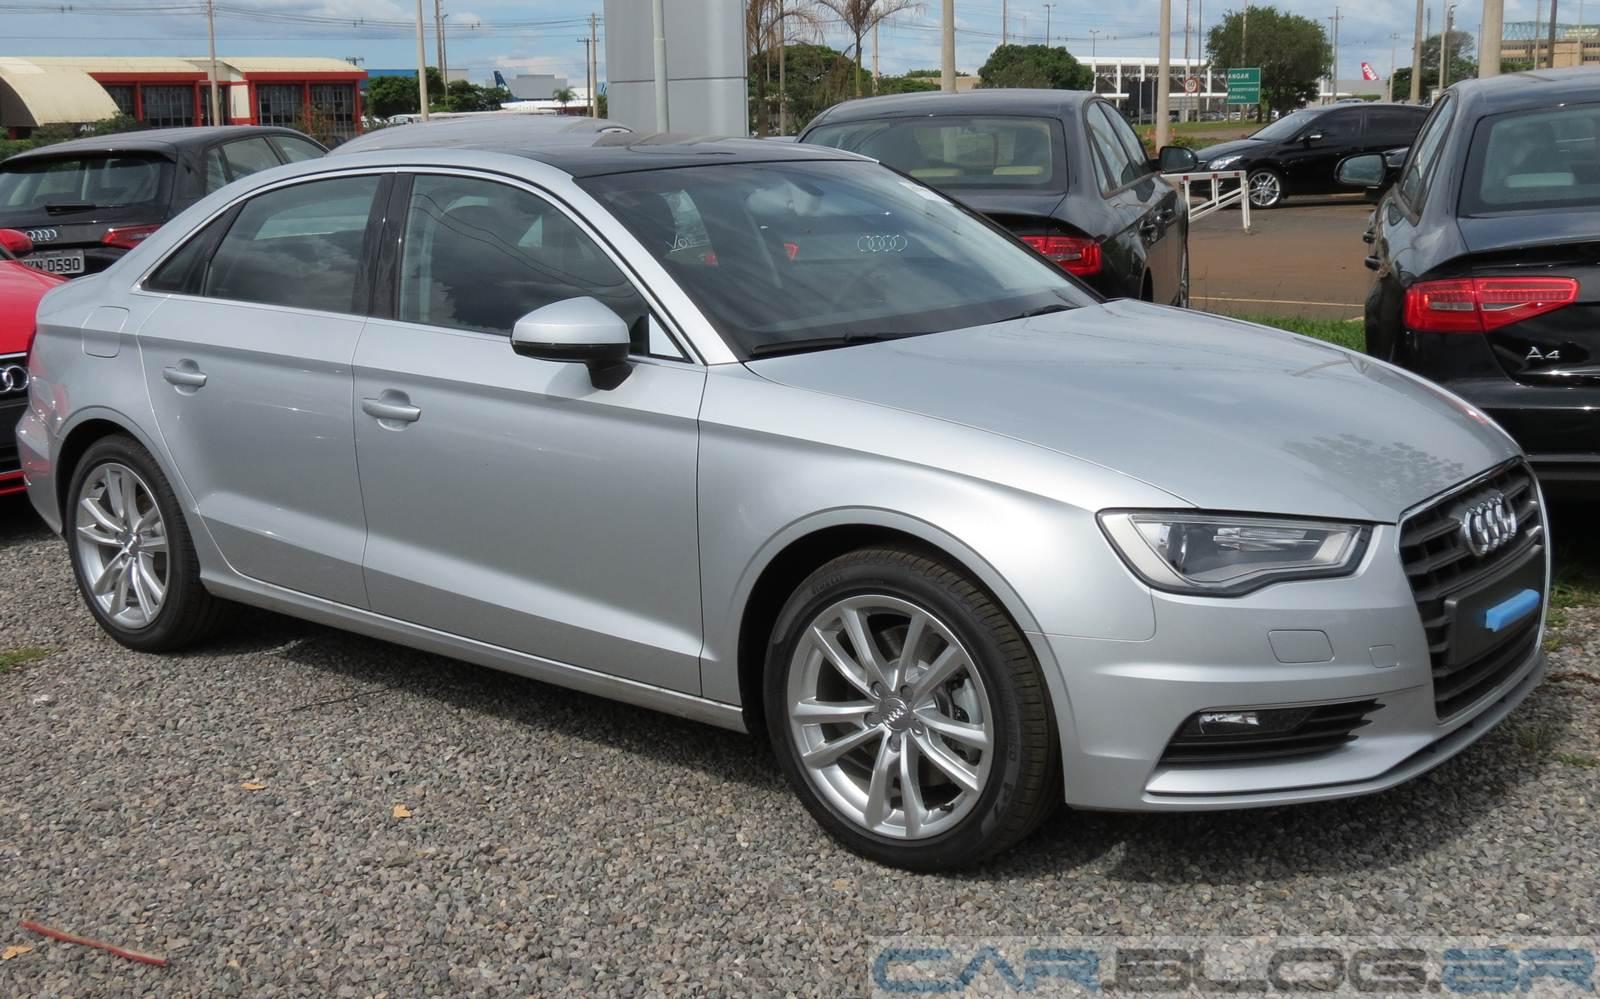 Audi A3 Cupe >> Audi A3 Sedan x BMW 320i x Mercedes CLA 200: comparativo | CAR.BLOG.BR